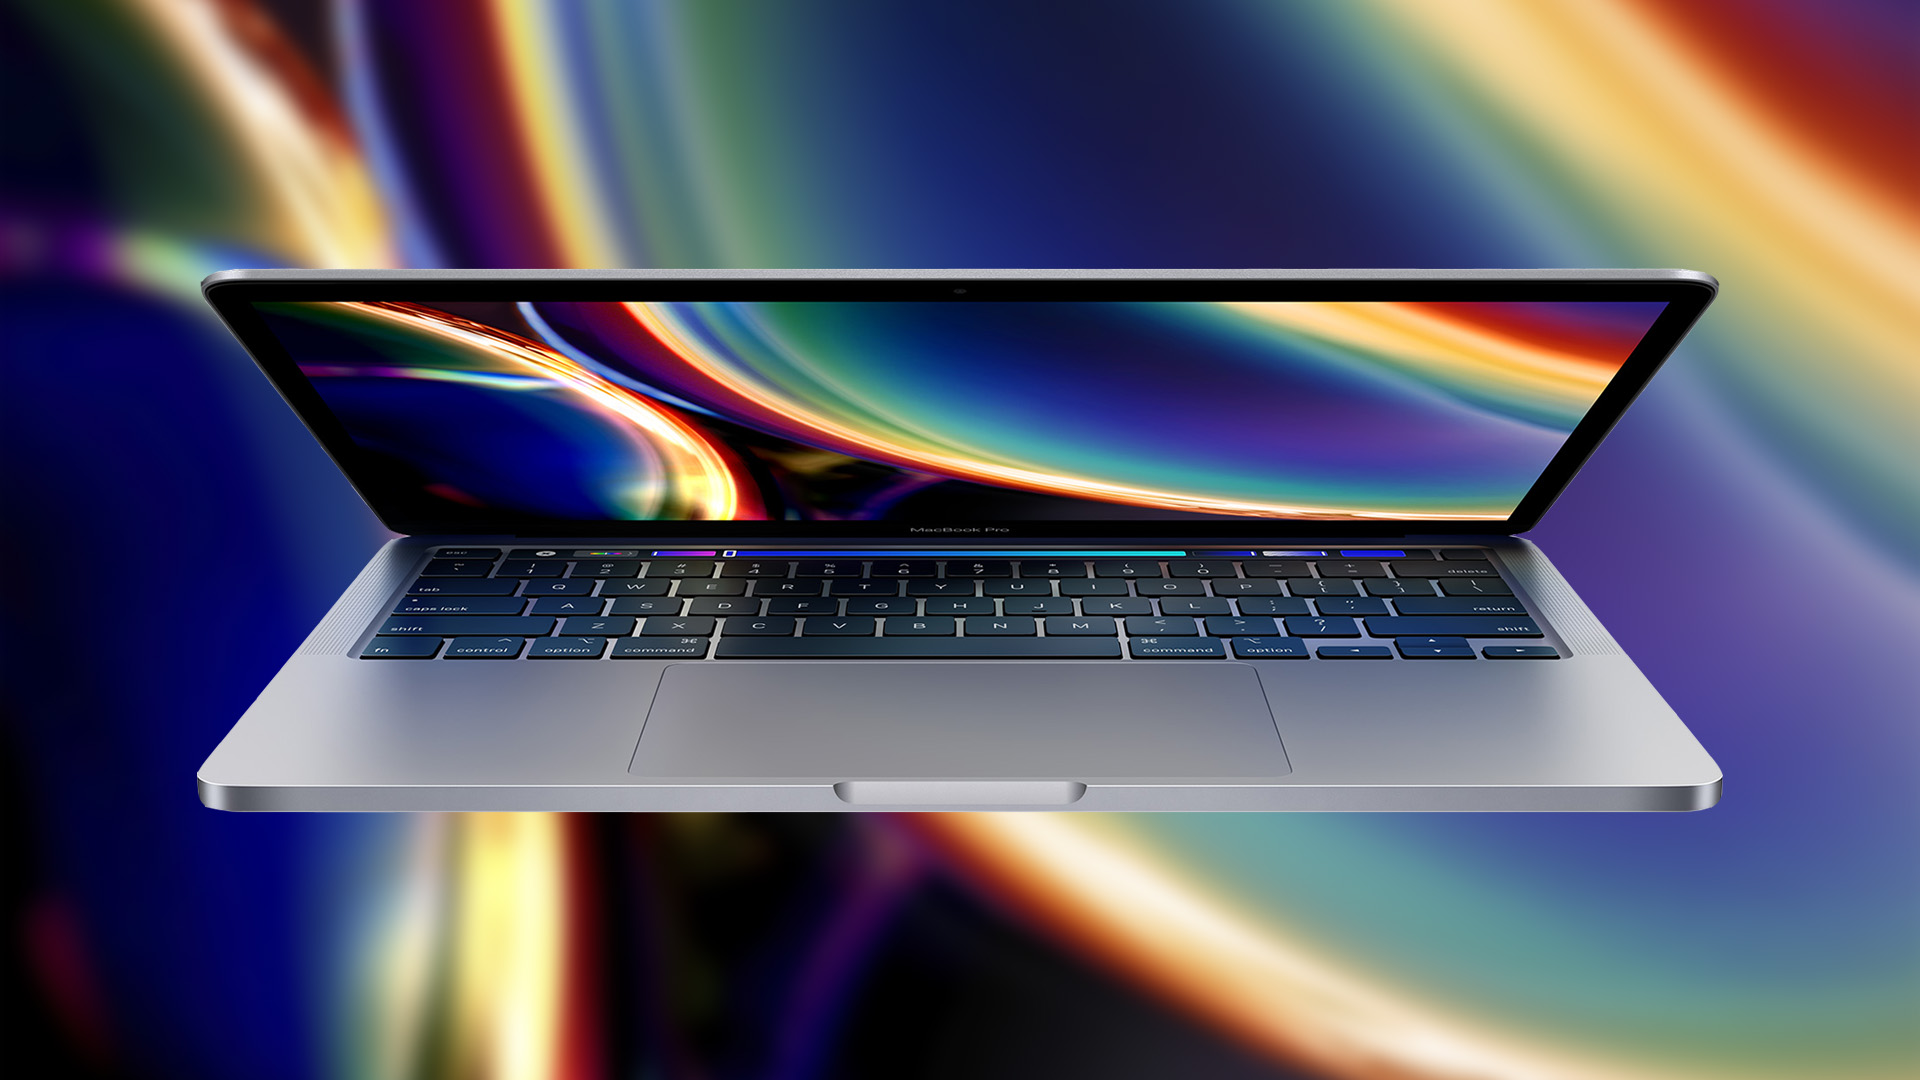 Скачайте обои с новенького MacBook Pro 13 - Wylsa.com